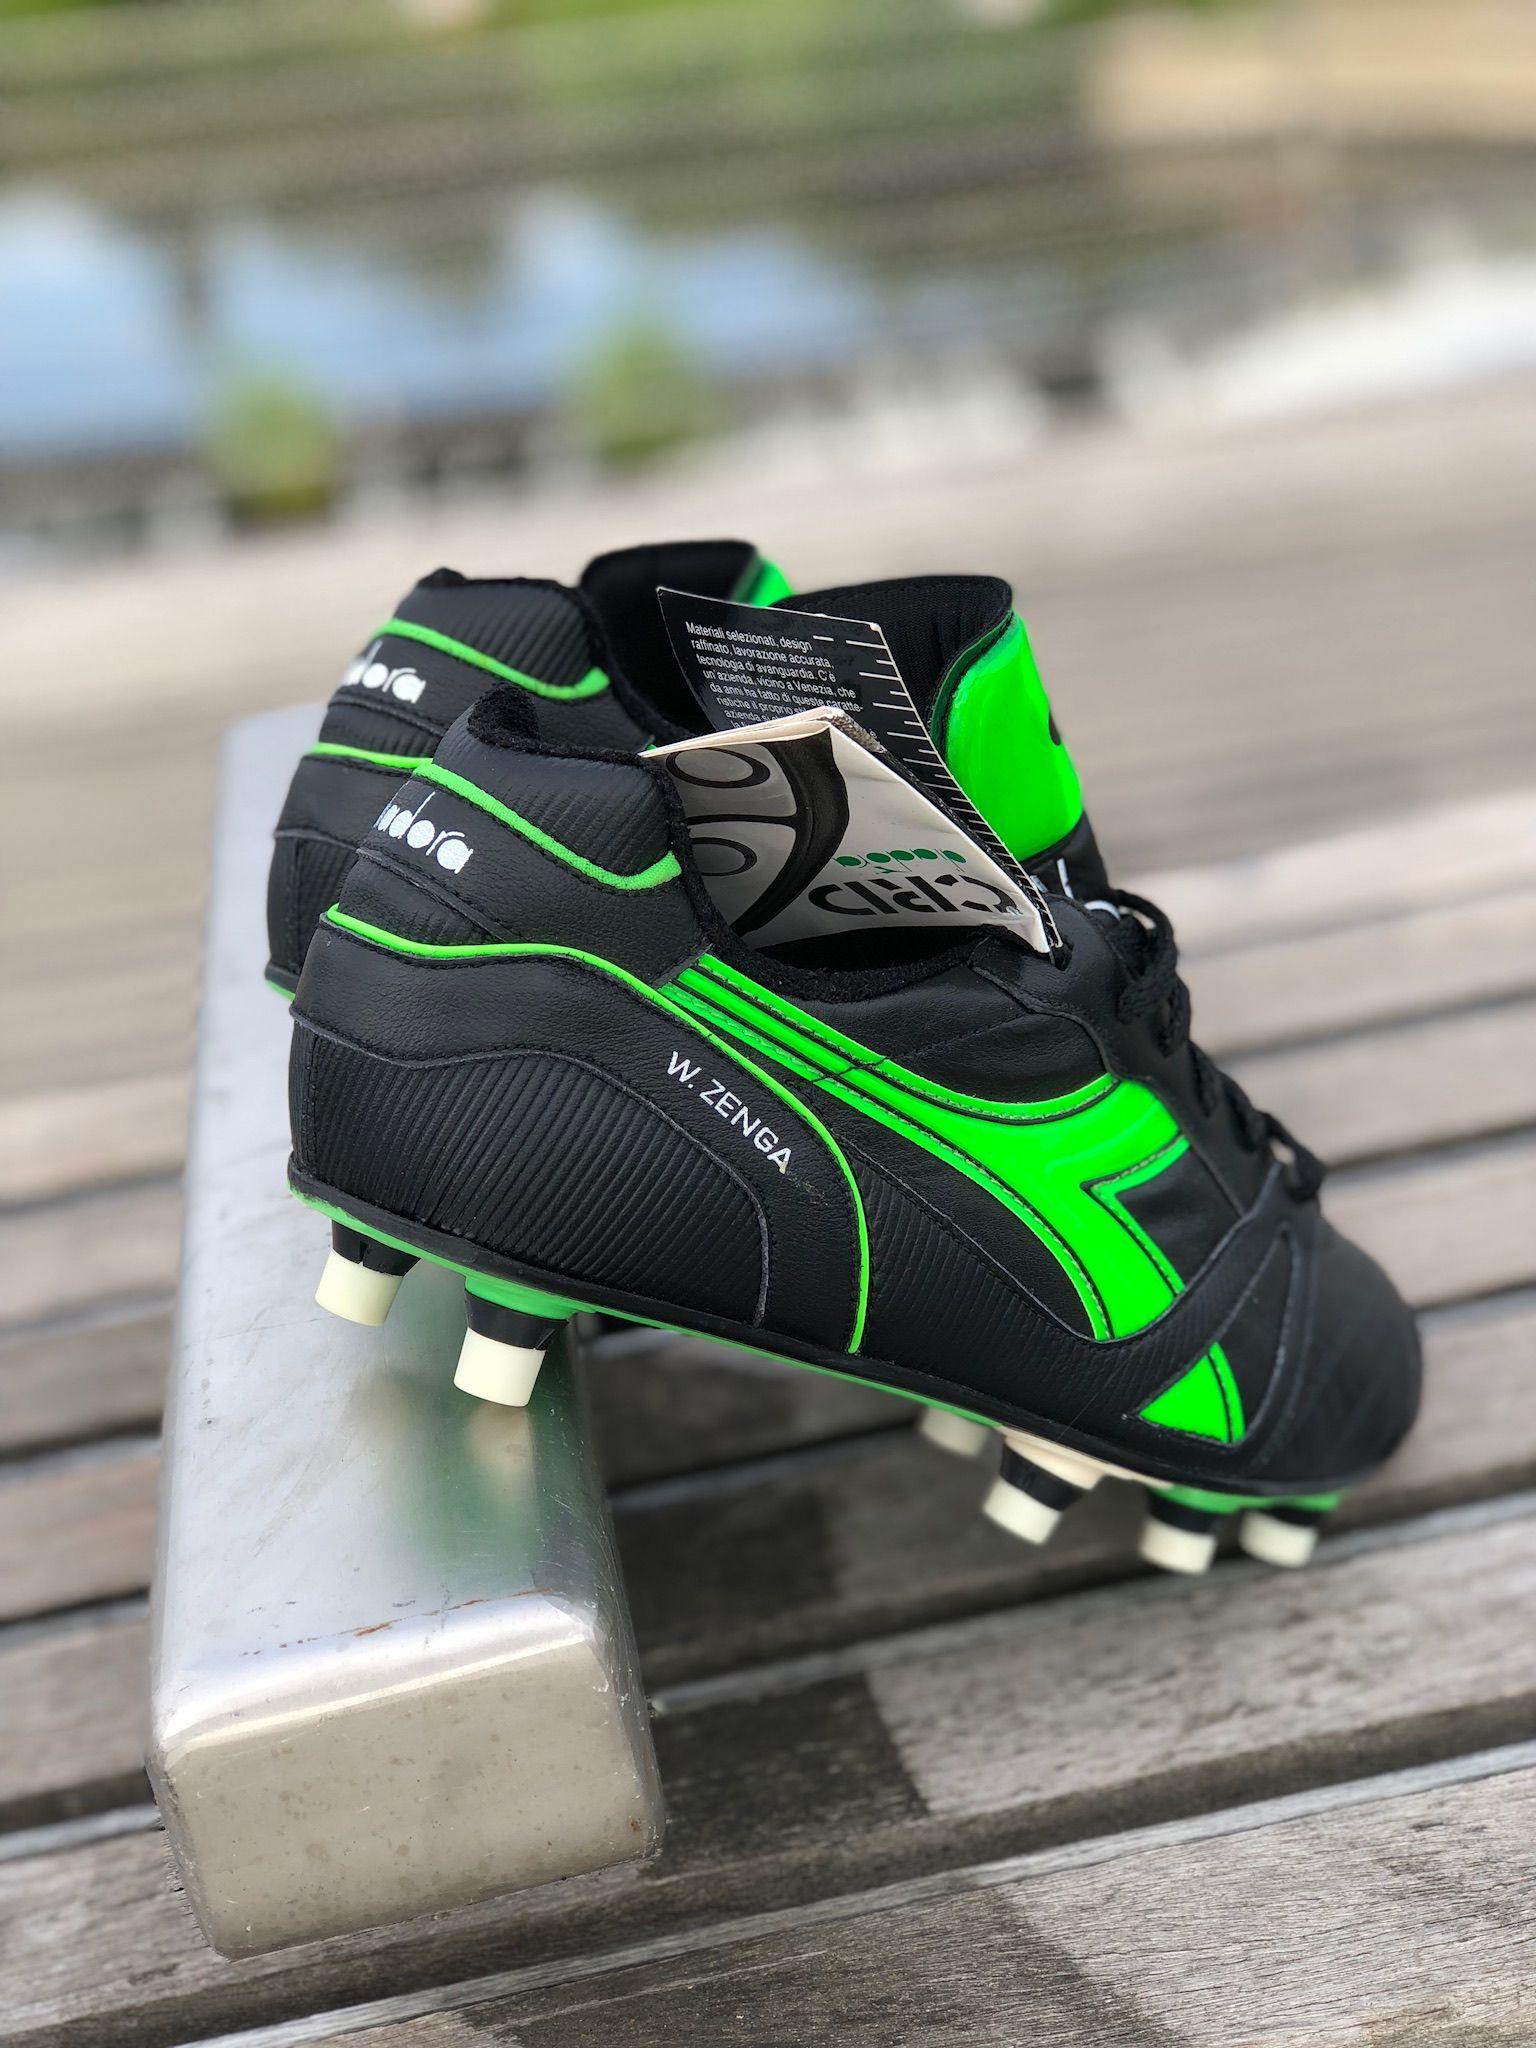 Diadora Green Walter Zenga football boots Zapatos De Fútbol 6f1fc459ff2c2